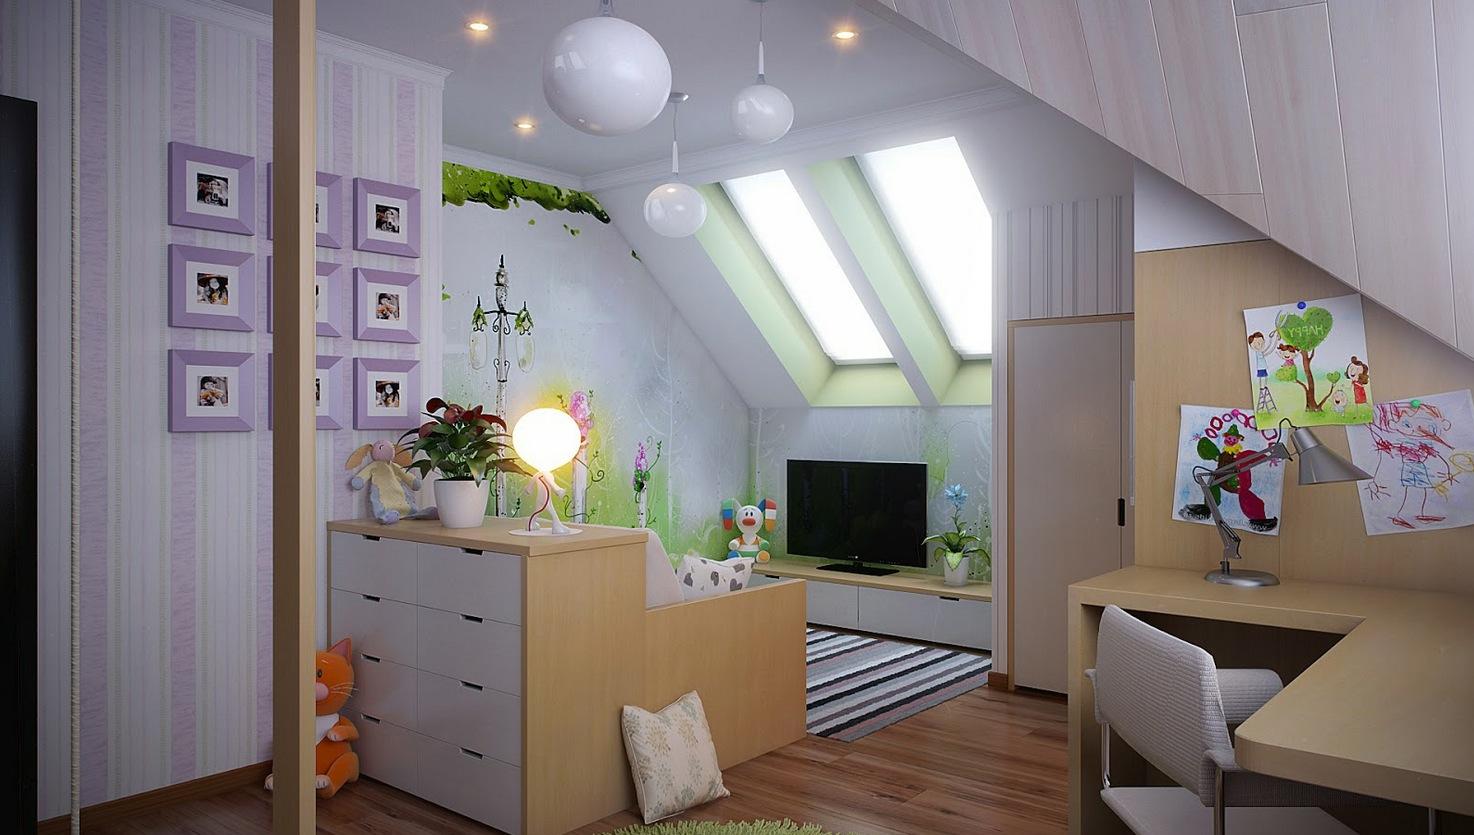 los sofs reclinables compensar techos bajos